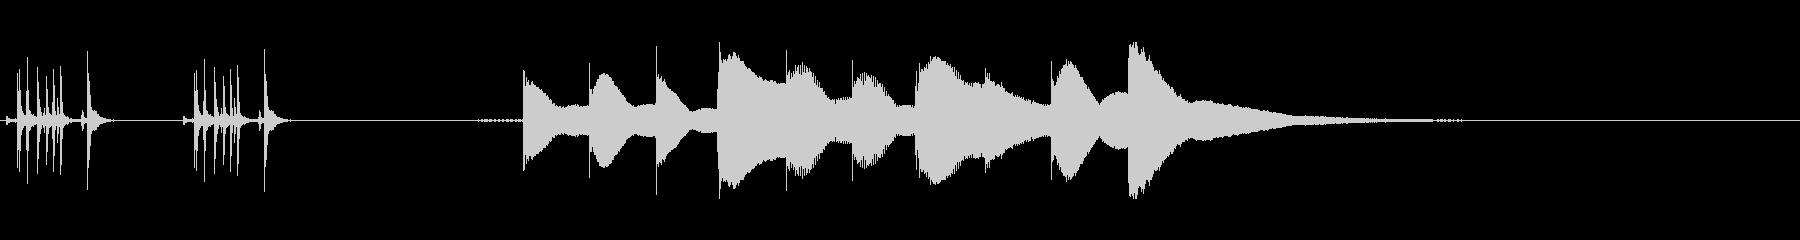 ジングル用オルゴール楽曲02-1の未再生の波形